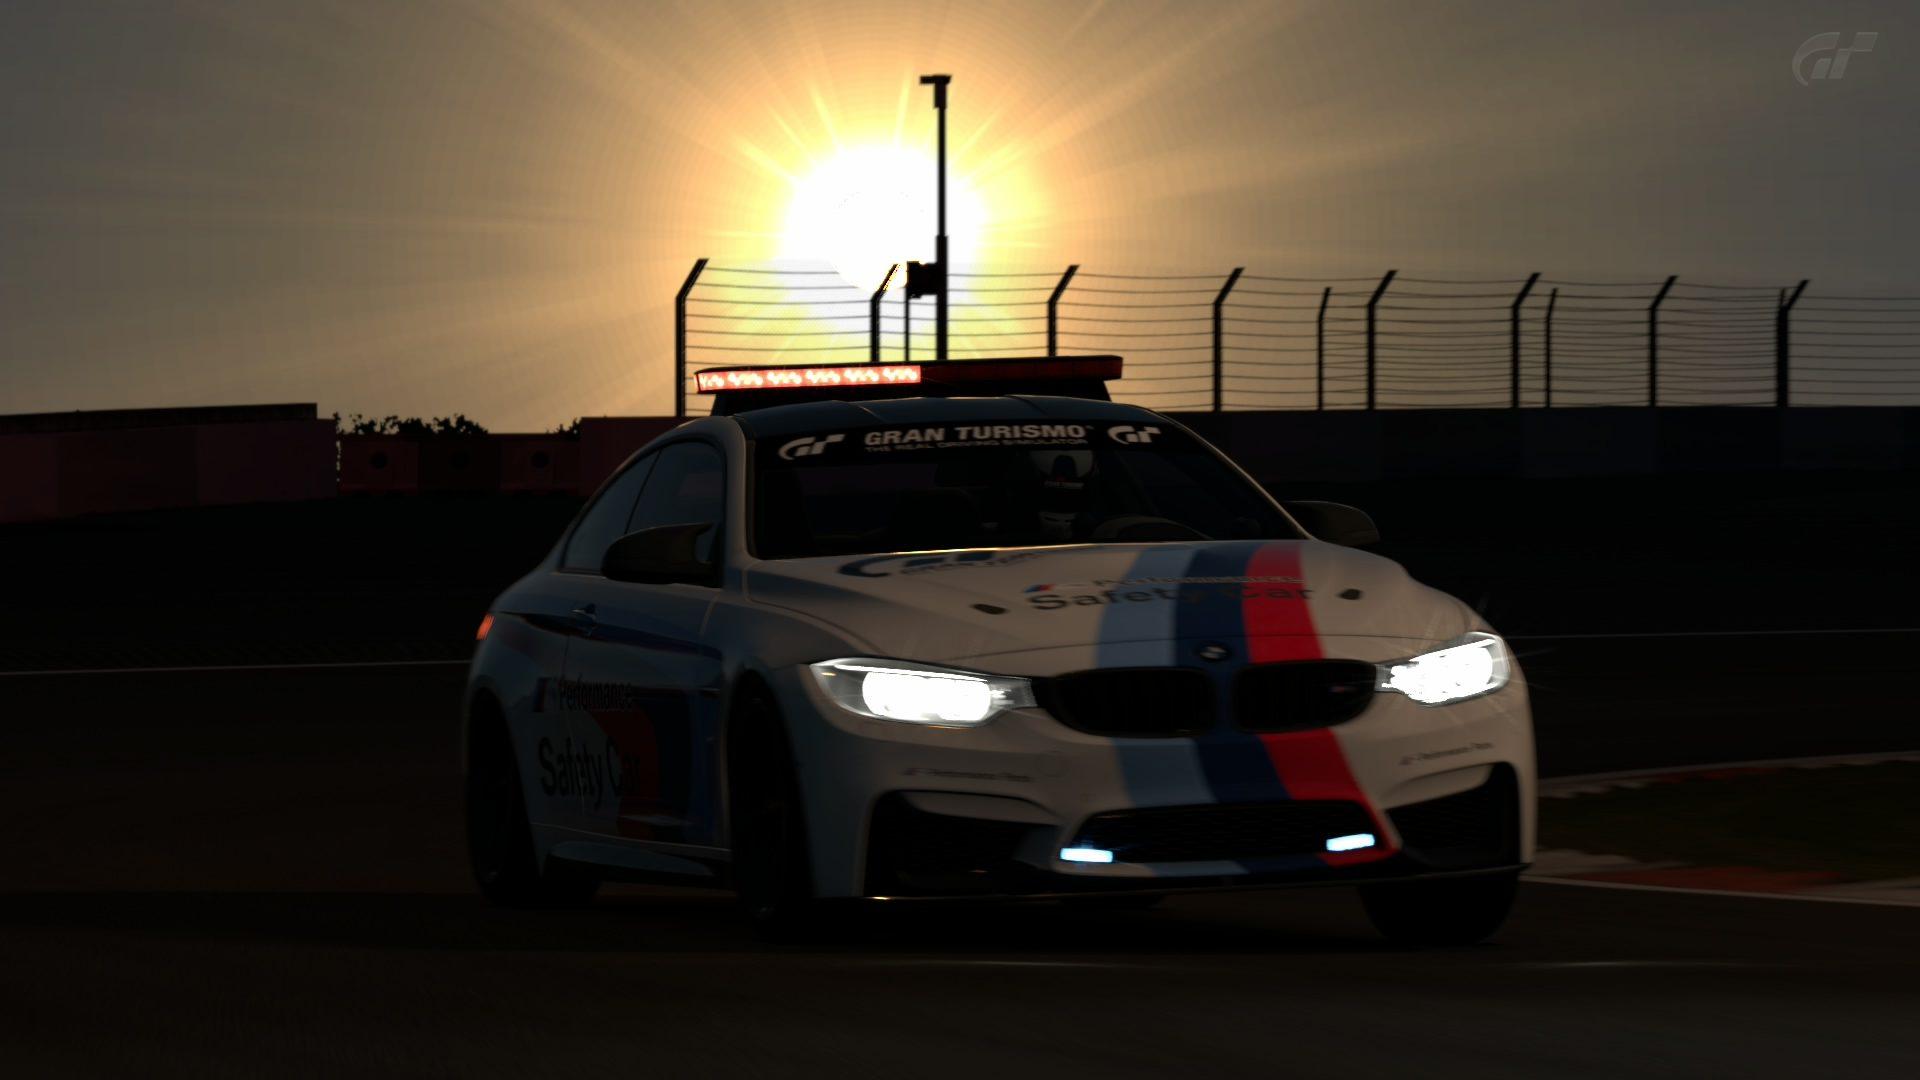 Nürburgring GP_D_3 (2).jpg